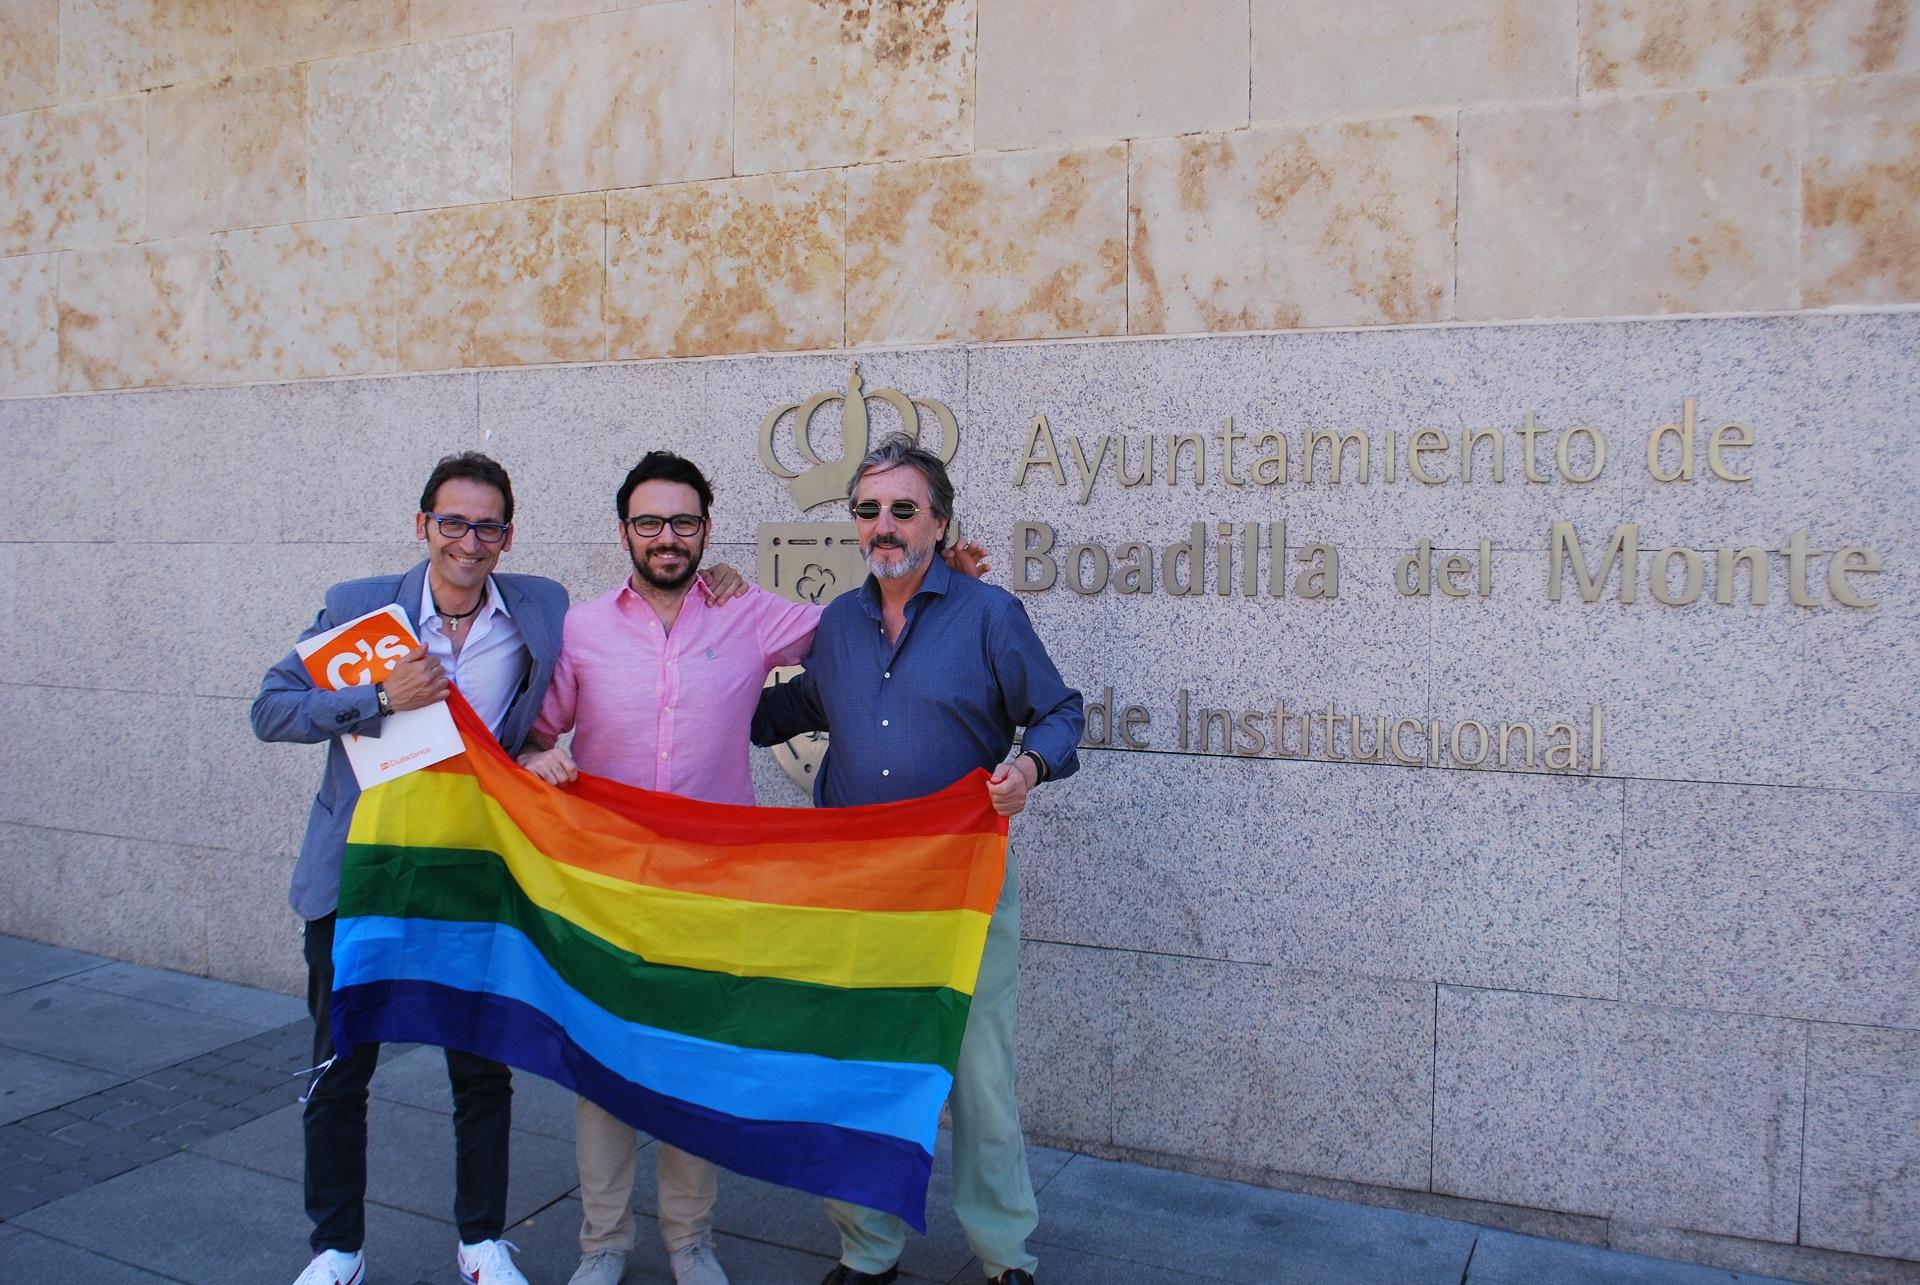 Ciudadanos pide colgar la bandera arco iris del colectivo LGTB